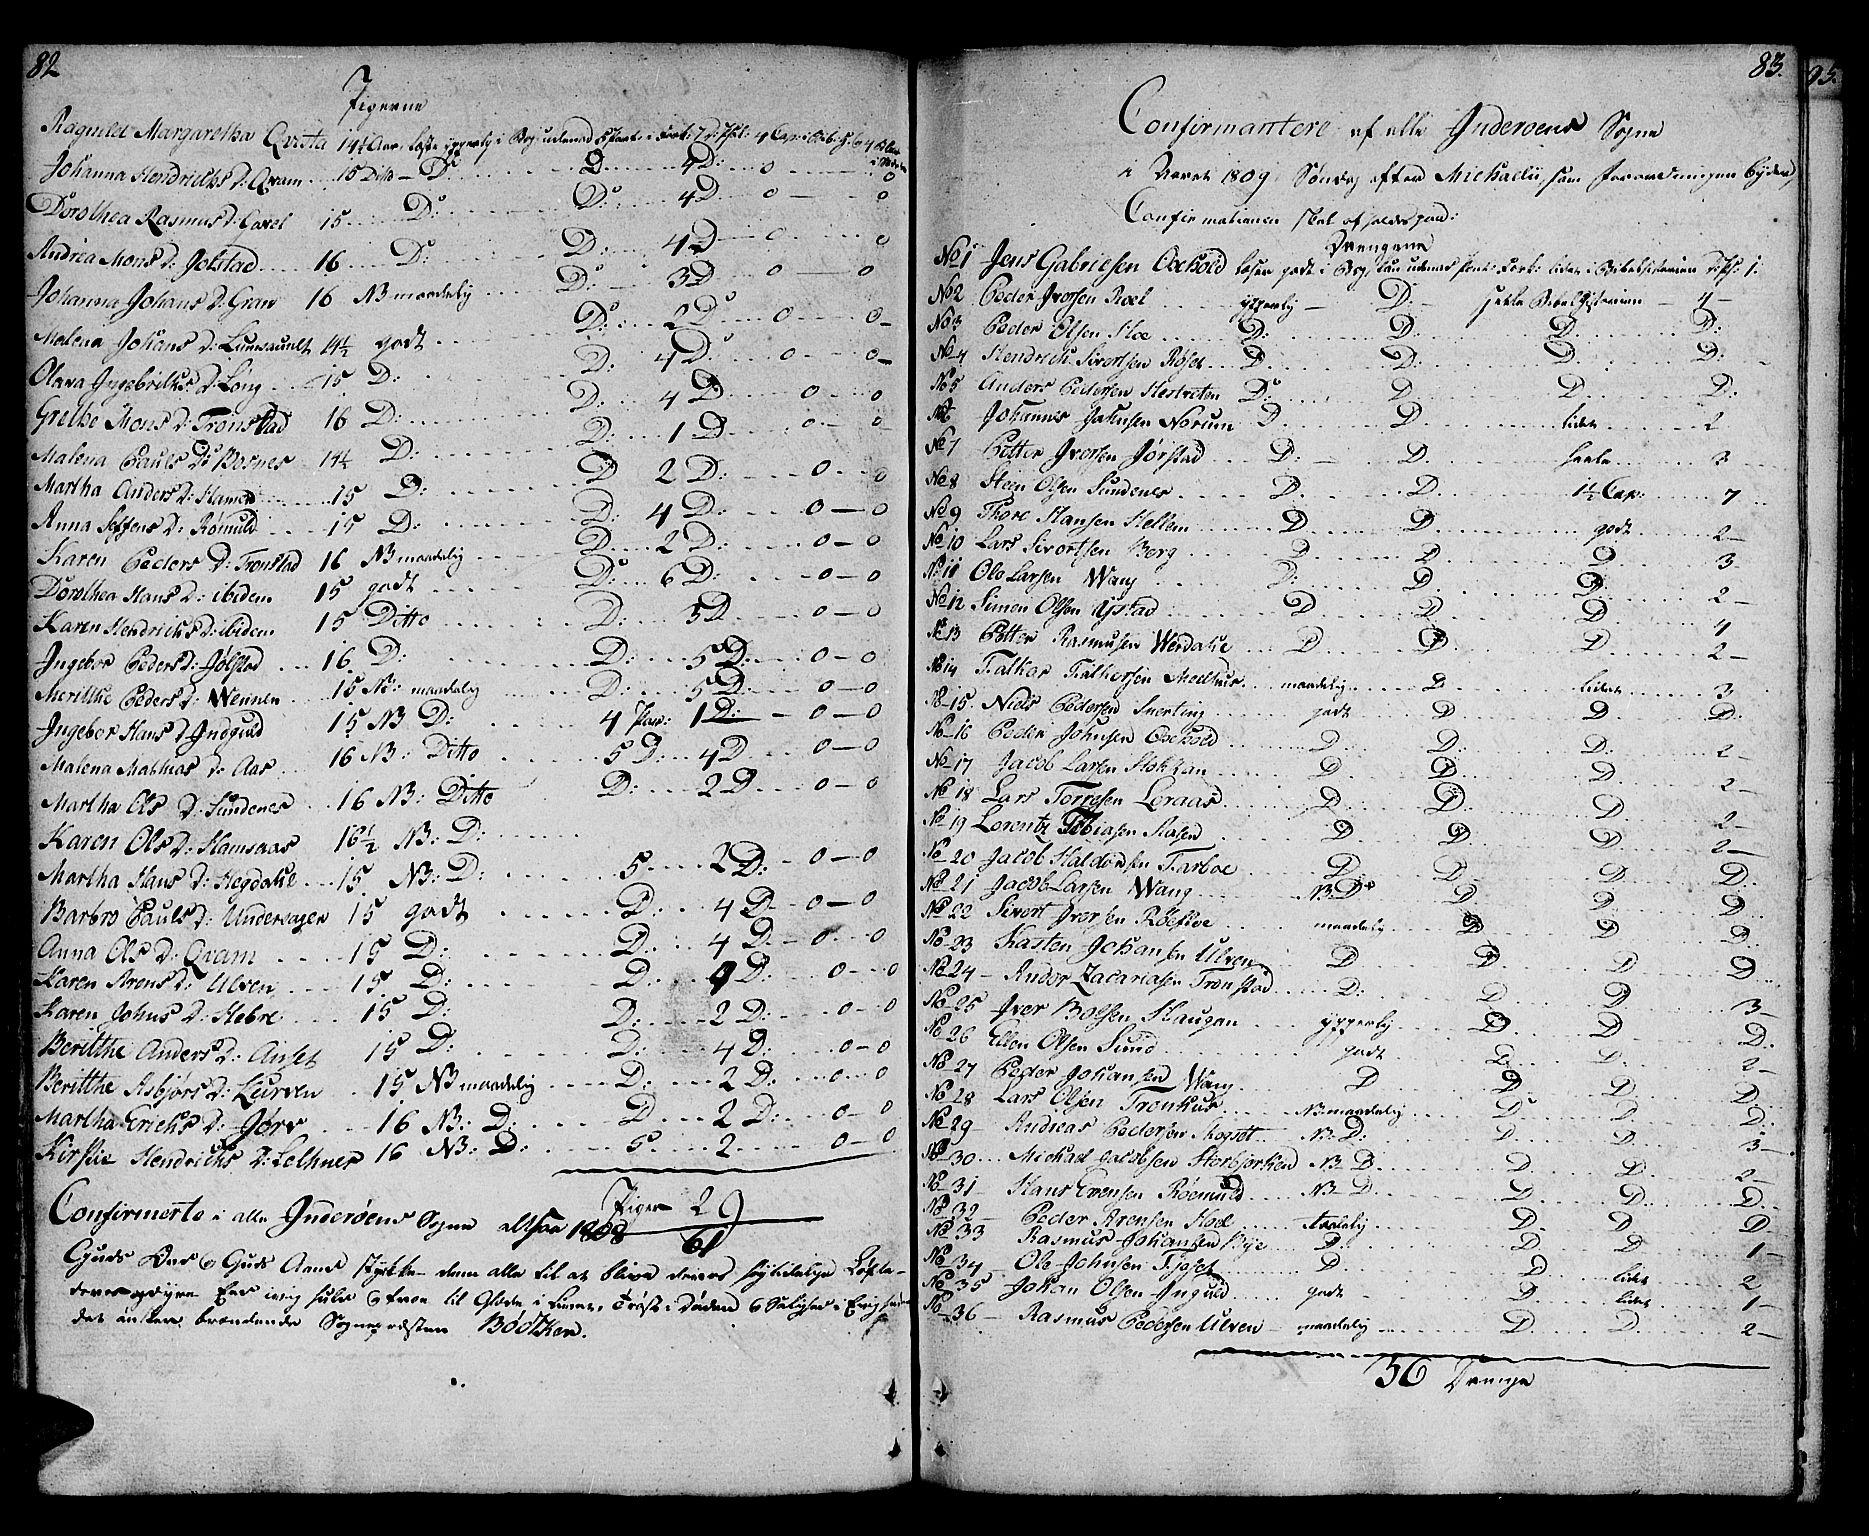 SAT, Ministerialprotokoller, klokkerbøker og fødselsregistre - Nord-Trøndelag, 730/L0274: Ministerialbok nr. 730A03, 1802-1816, s. 82-83